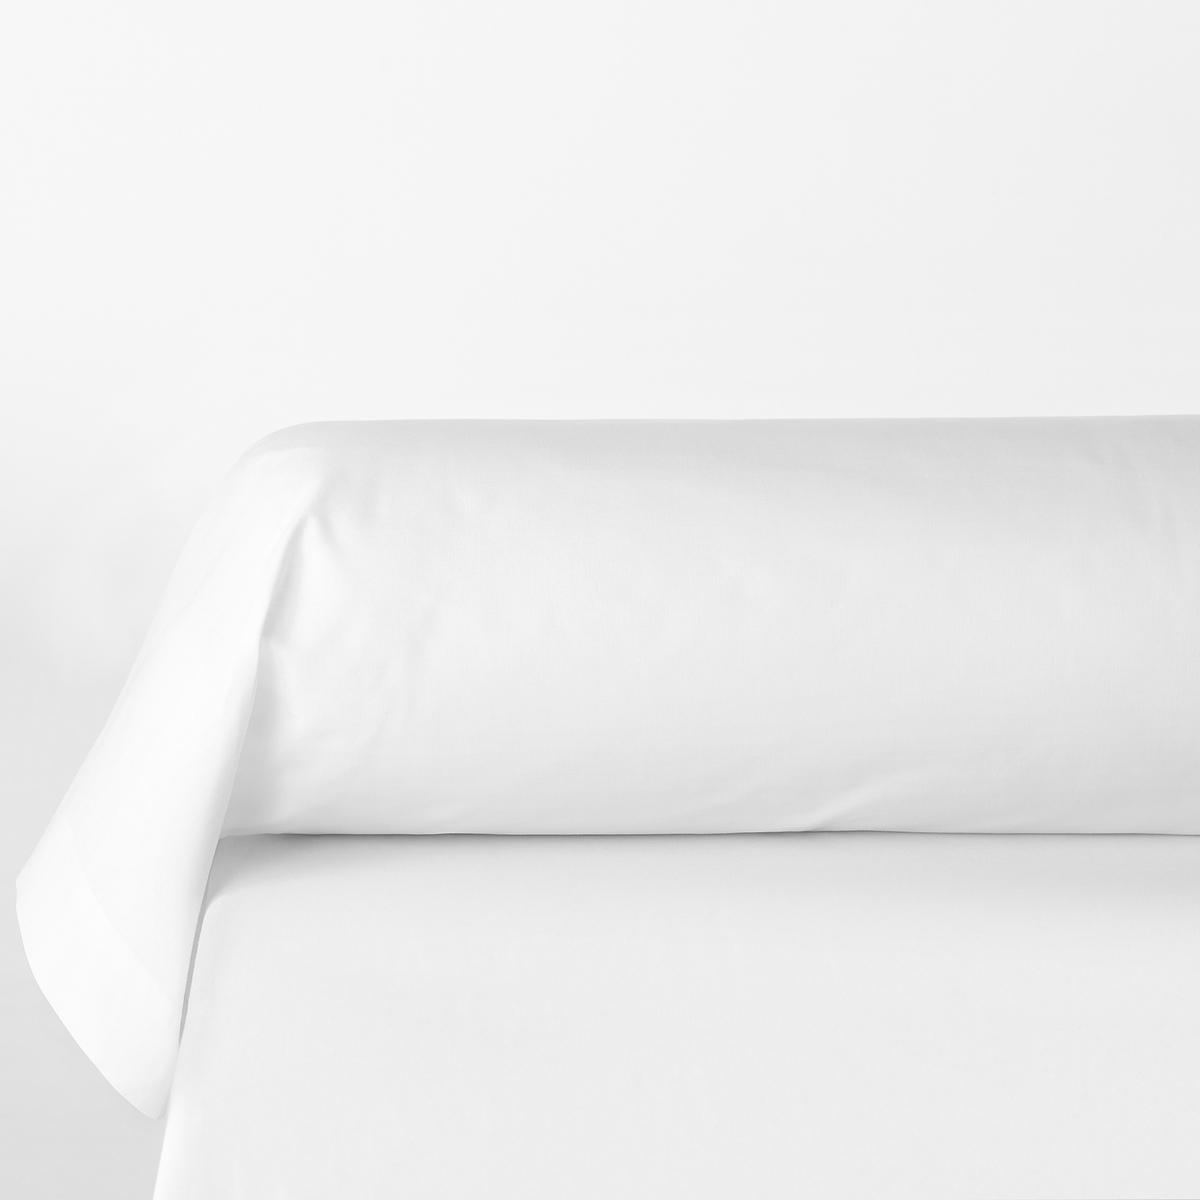 Наволочка на подушку-валик из хлопкаНаволочка на подушку-валик из 100% хлопка (57 нитей/см?) : чем больше нитей/см?, тем выше качество материала. Длительный комфорт и отличная прочность. Отличная стойкость цветов к стиркам     (60 °C).Преимущества   : великолепная гамма современных оттенков для сочетания по желанию с простынями и пододеяльниками SCENARIO и рисунками коллекции. Знак Oeko-Tex® гарантирует, что товары протестированы и сертифицированы, не содержат вредных веществ, которые могли бы нанести вред здоровью.                                                                                                                  ?Наволочка на подушку-валик :85 x 185 см                                                                                                                                     Откройте для себя всю коллекцию постельного белья, нажав SC?NARIO UNI<br><br>Цвет: желтый горчичный,фиолетовый<br>Размер: 85 x 185 см.85 x 185 см